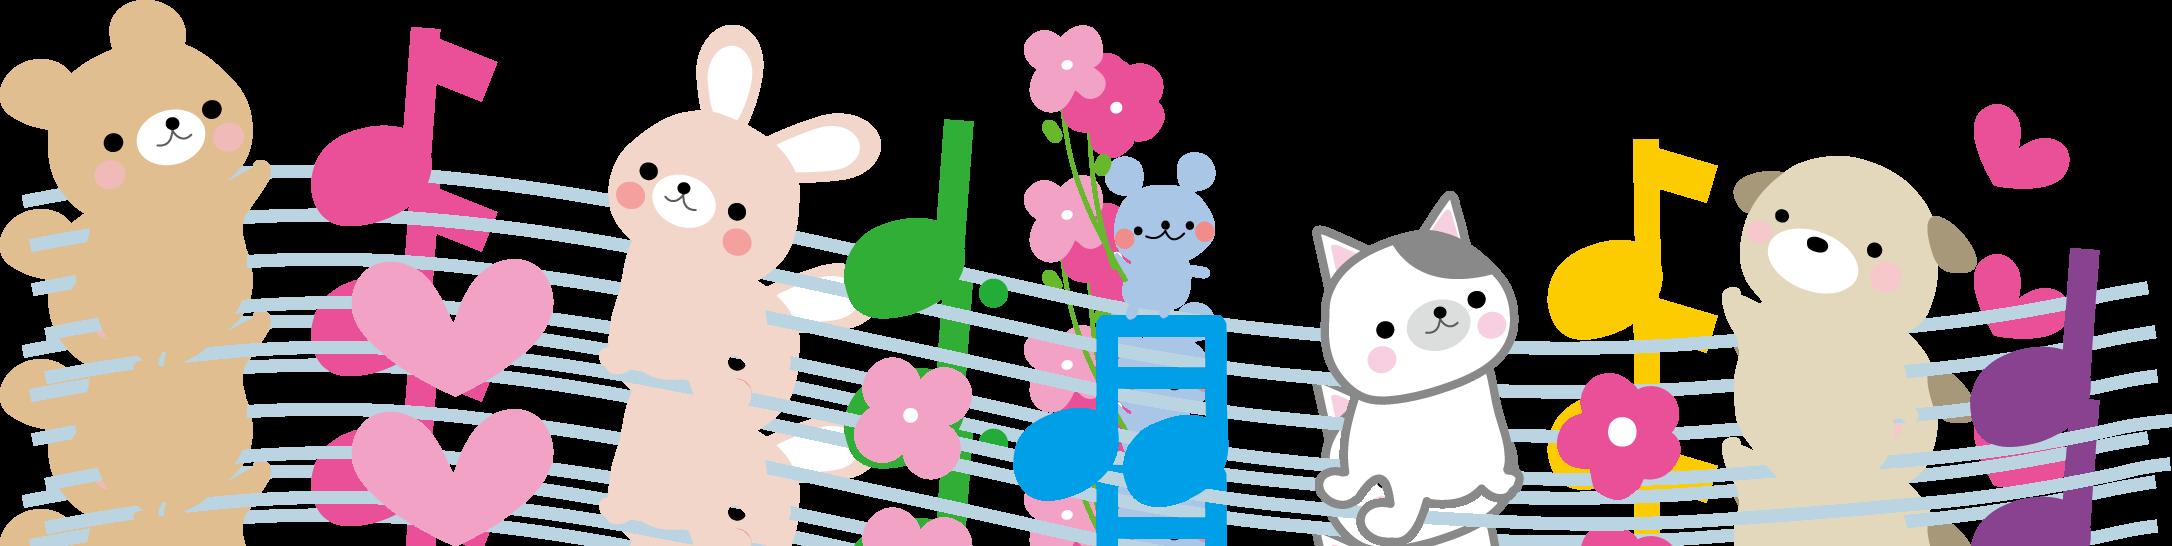 音符のイラスト/無料イラスト・フリー素材